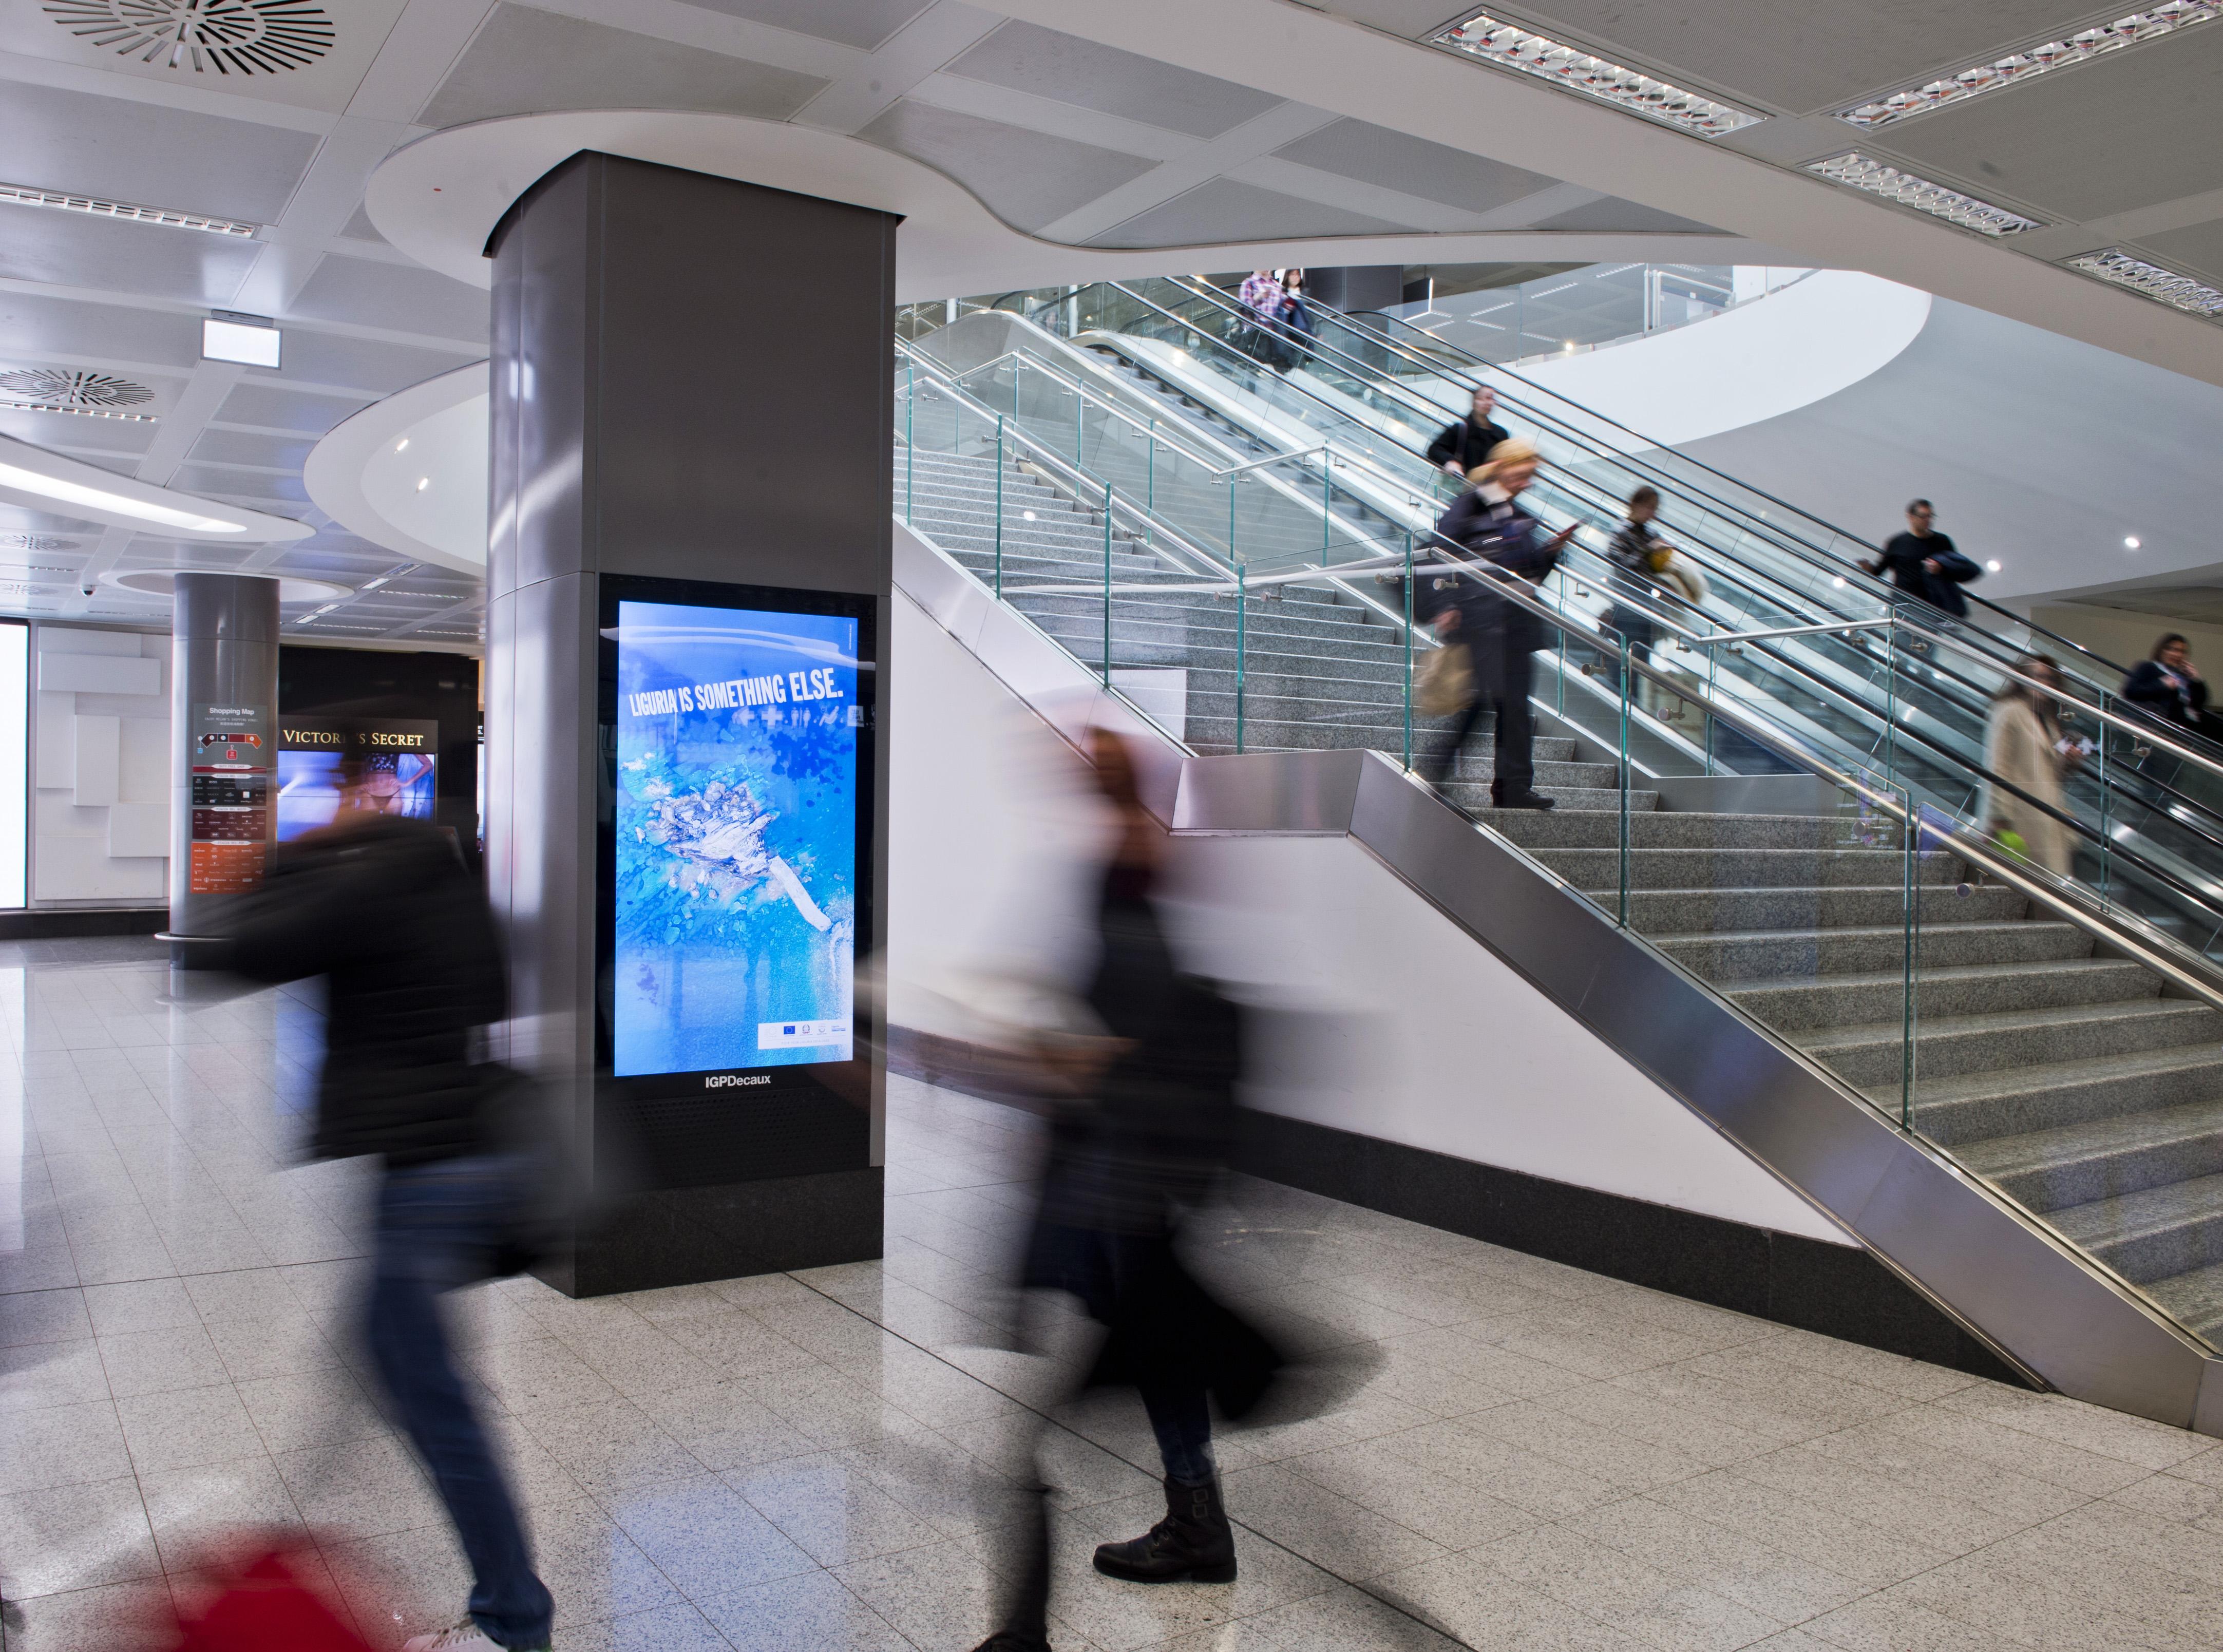 Aeroporto_Malpensa_pubblicità_DigitalOOH_IGPDecaux